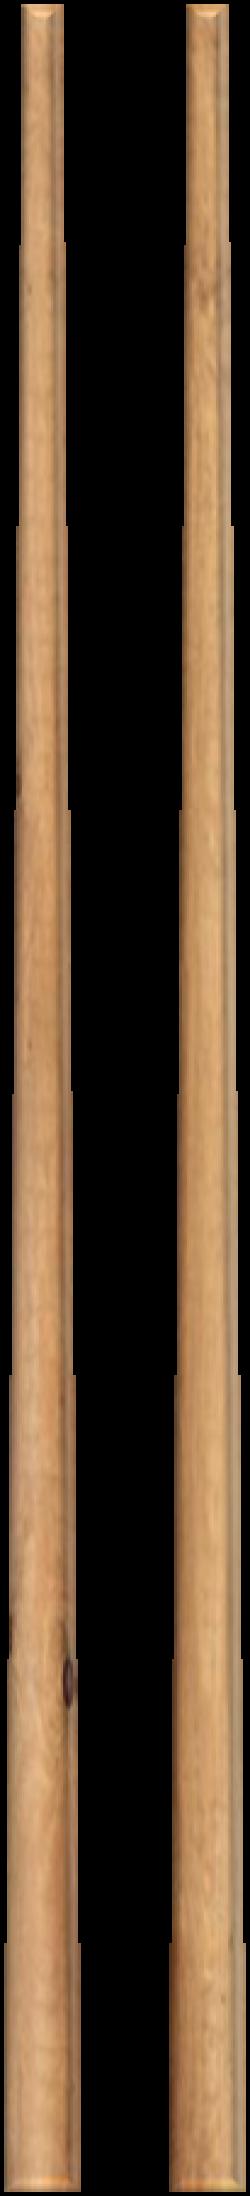 Chopsticks clipart wood